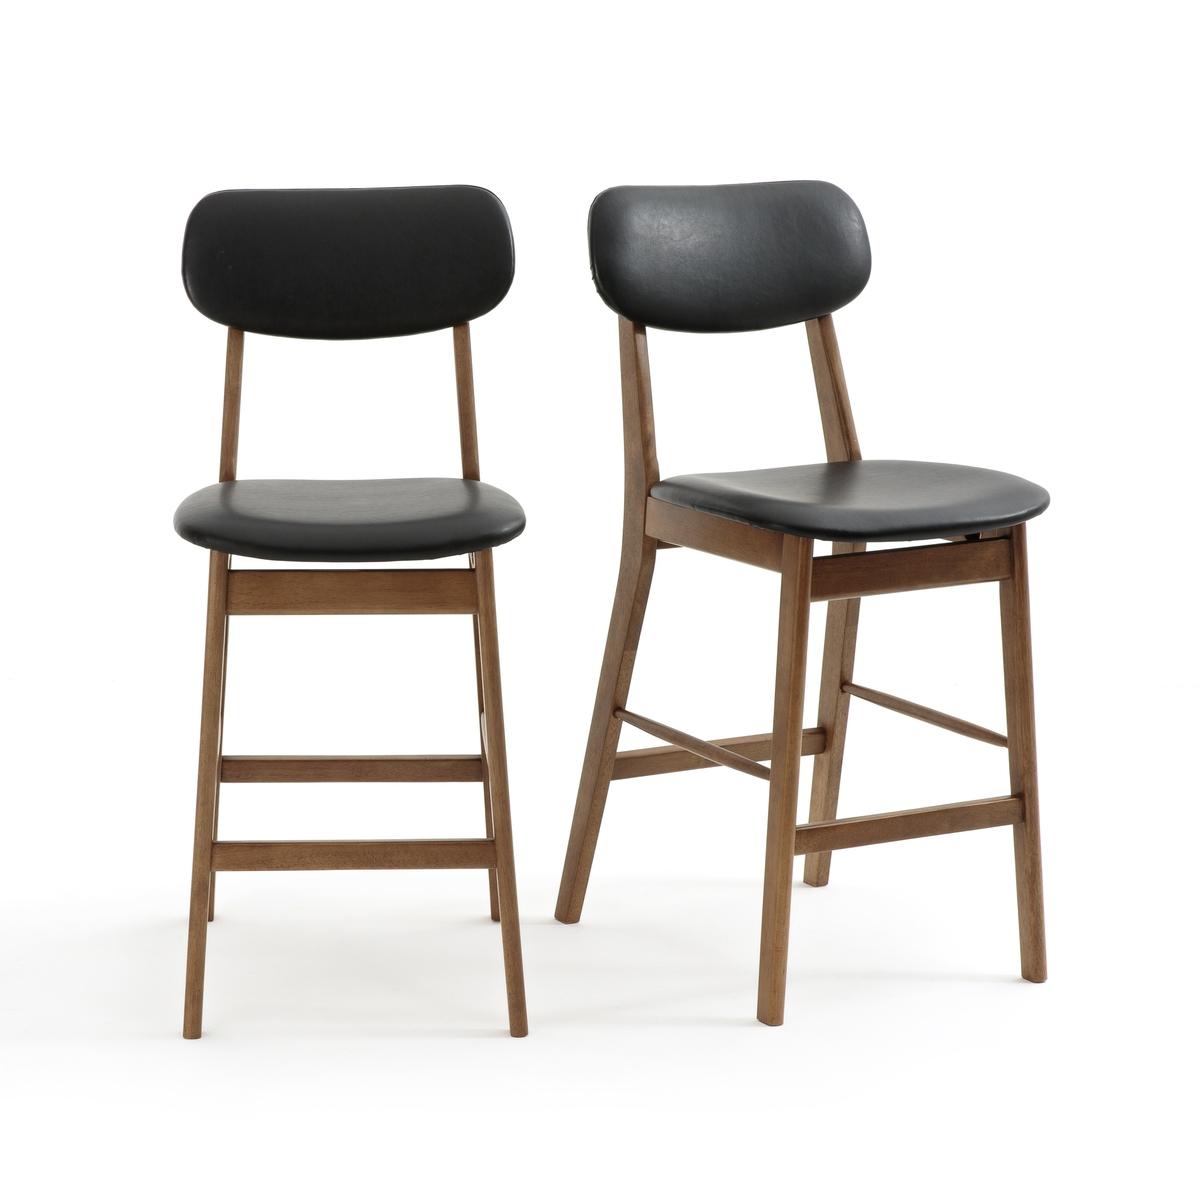 Барных La Redoute Стула WATFORD единый размер каштановый стула la redoute барных watford единый размер каштановый